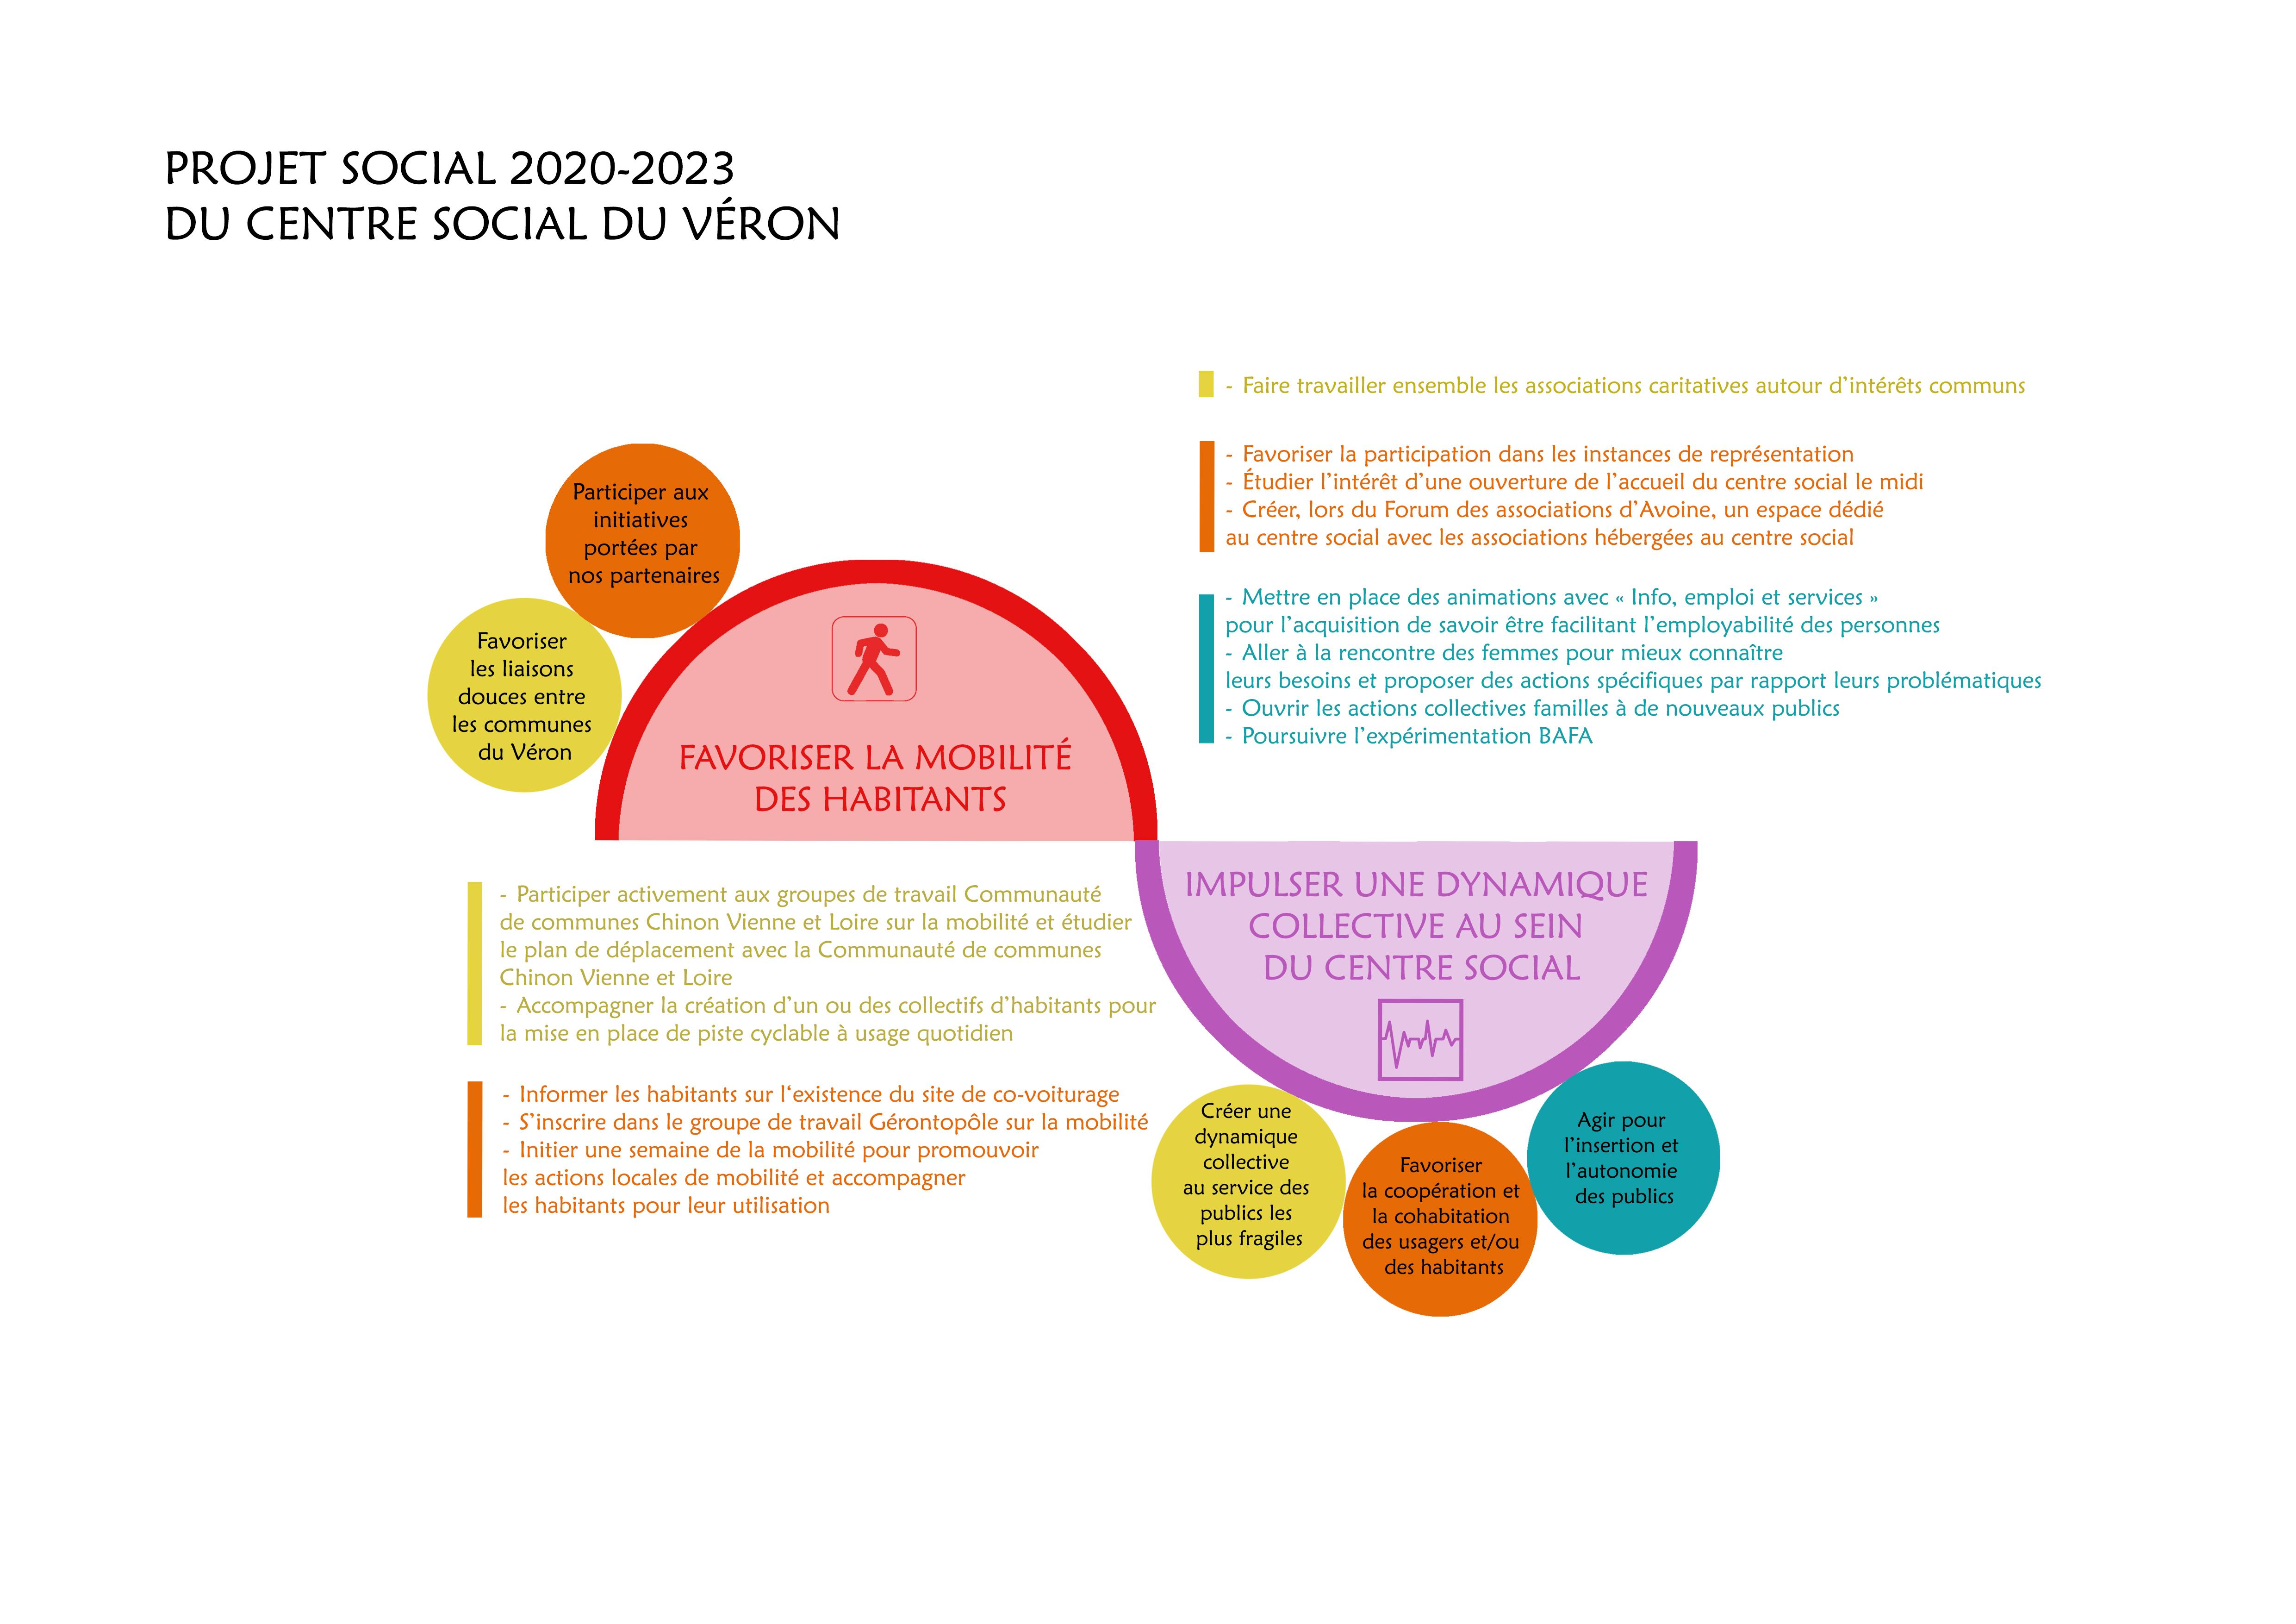 PROJET SOCIAL 2020 2023 VERON PARTIE 1